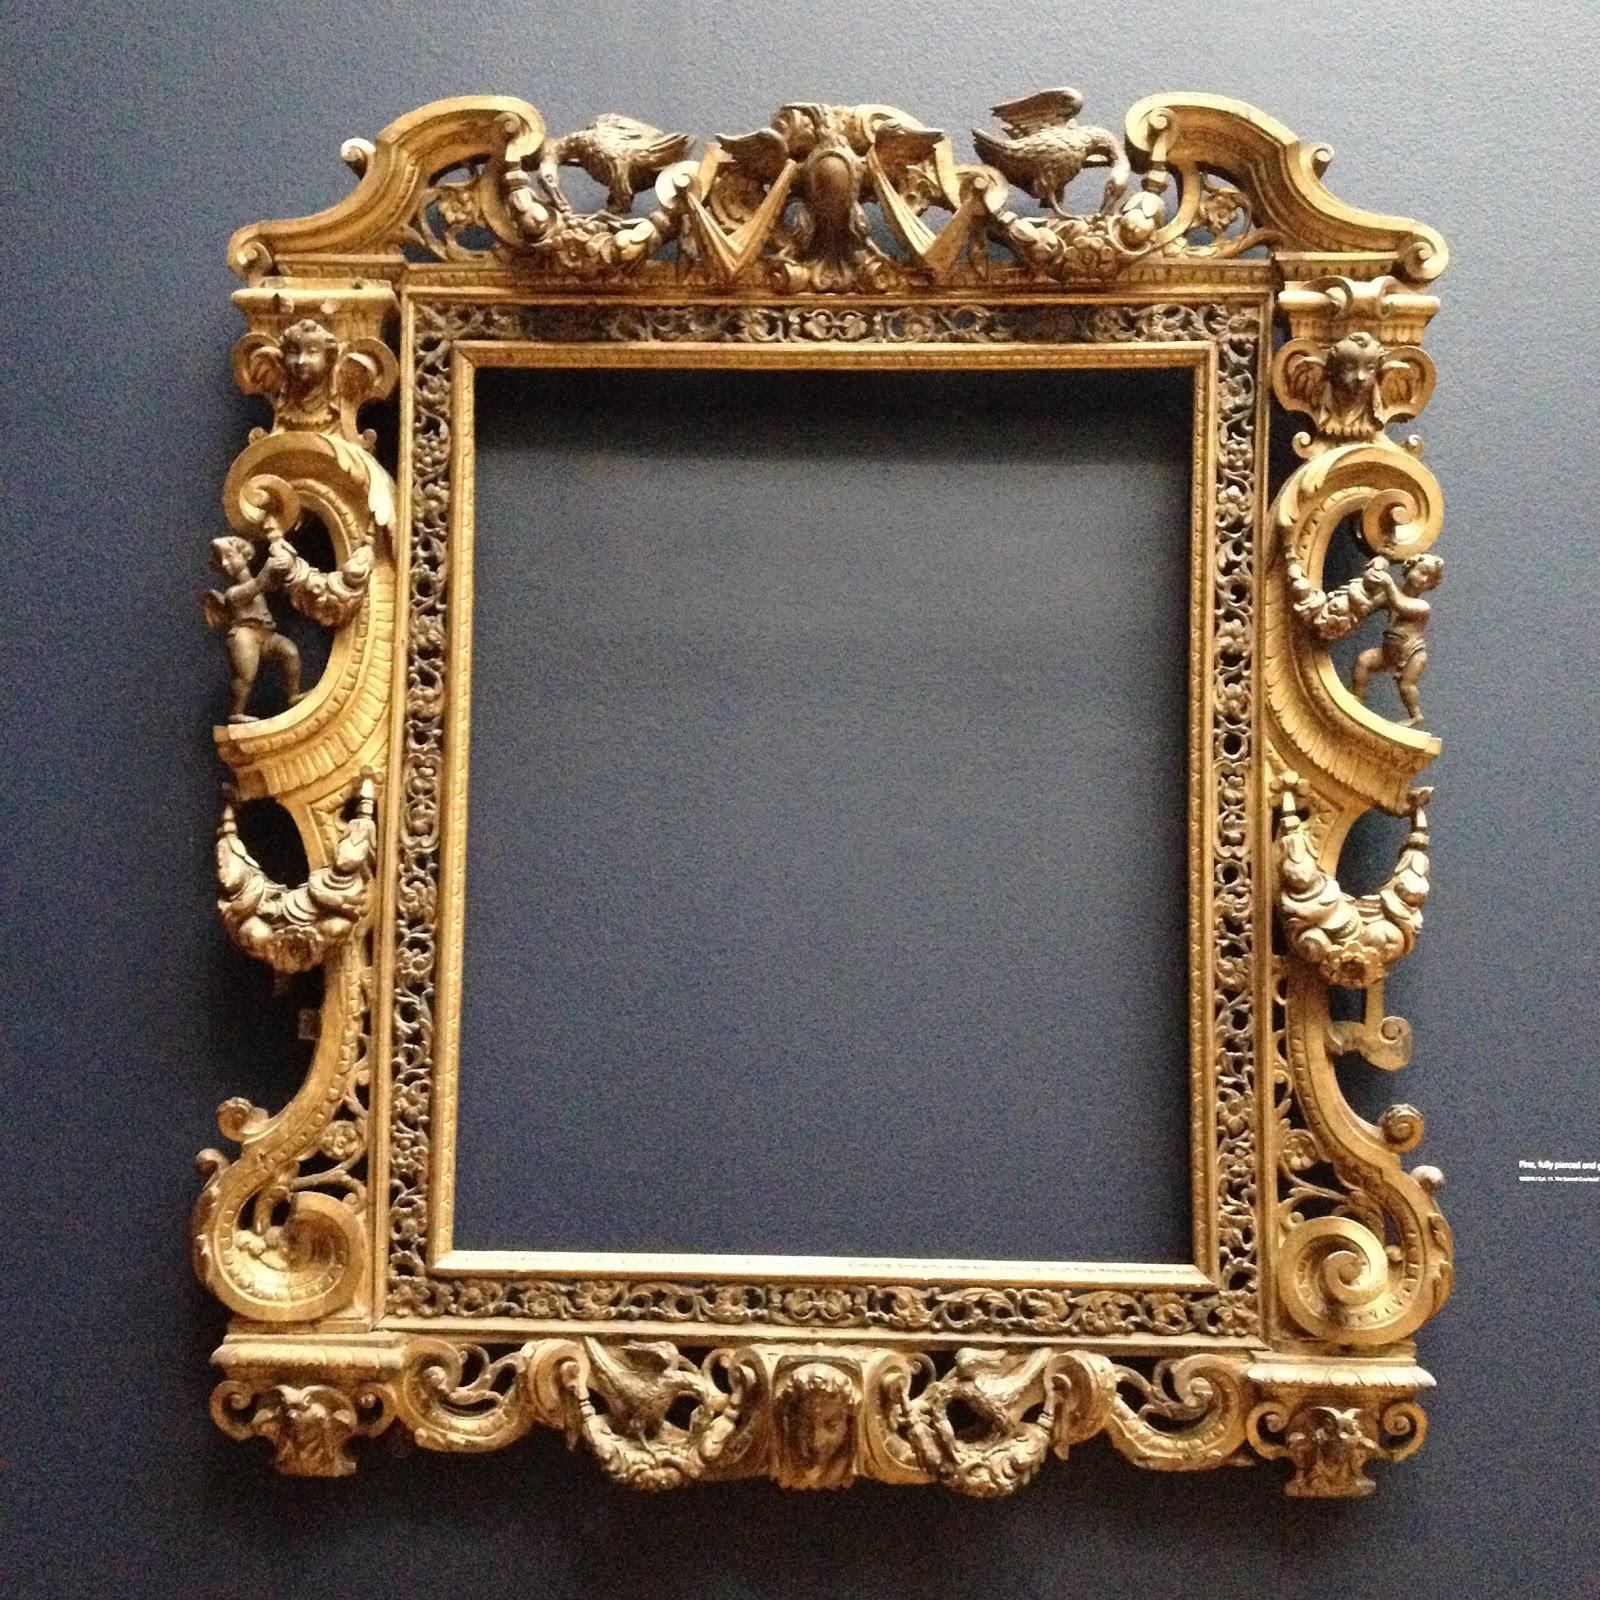 Framemaker: Sansovino Frames Exhibition at the National Gallery